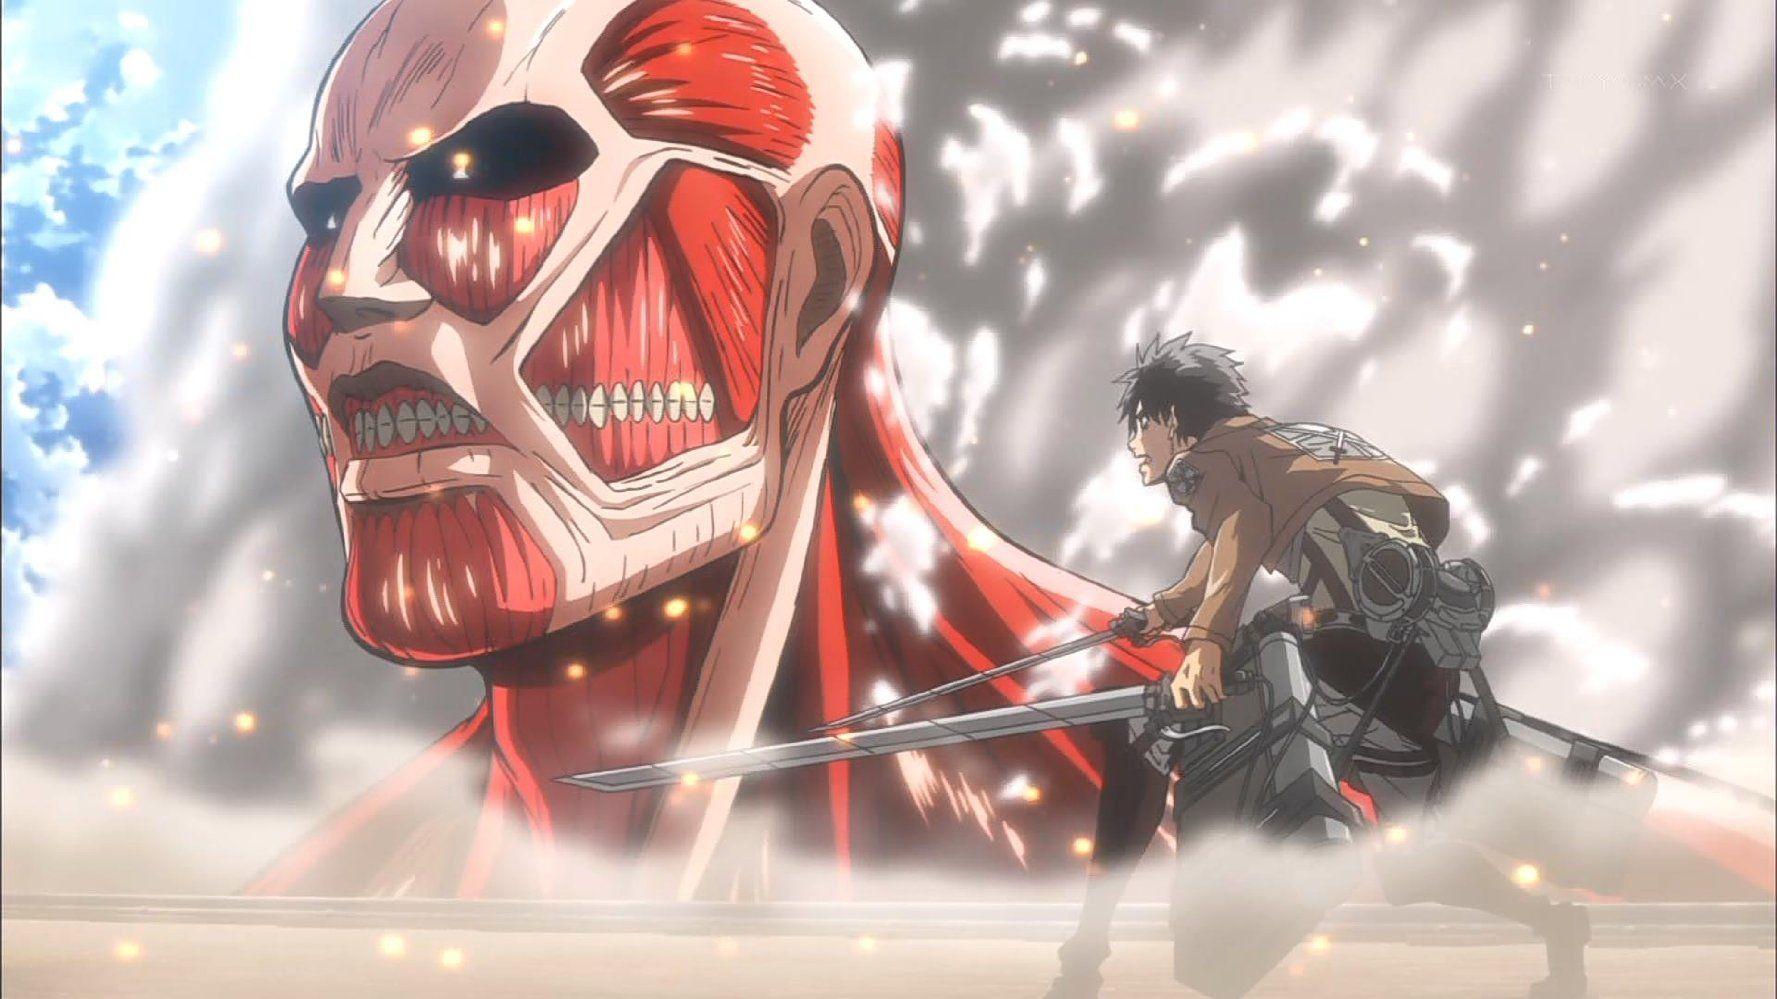 Attack on titan s02e12 | Attack on Titan (TV Series 2013  2019-02-23